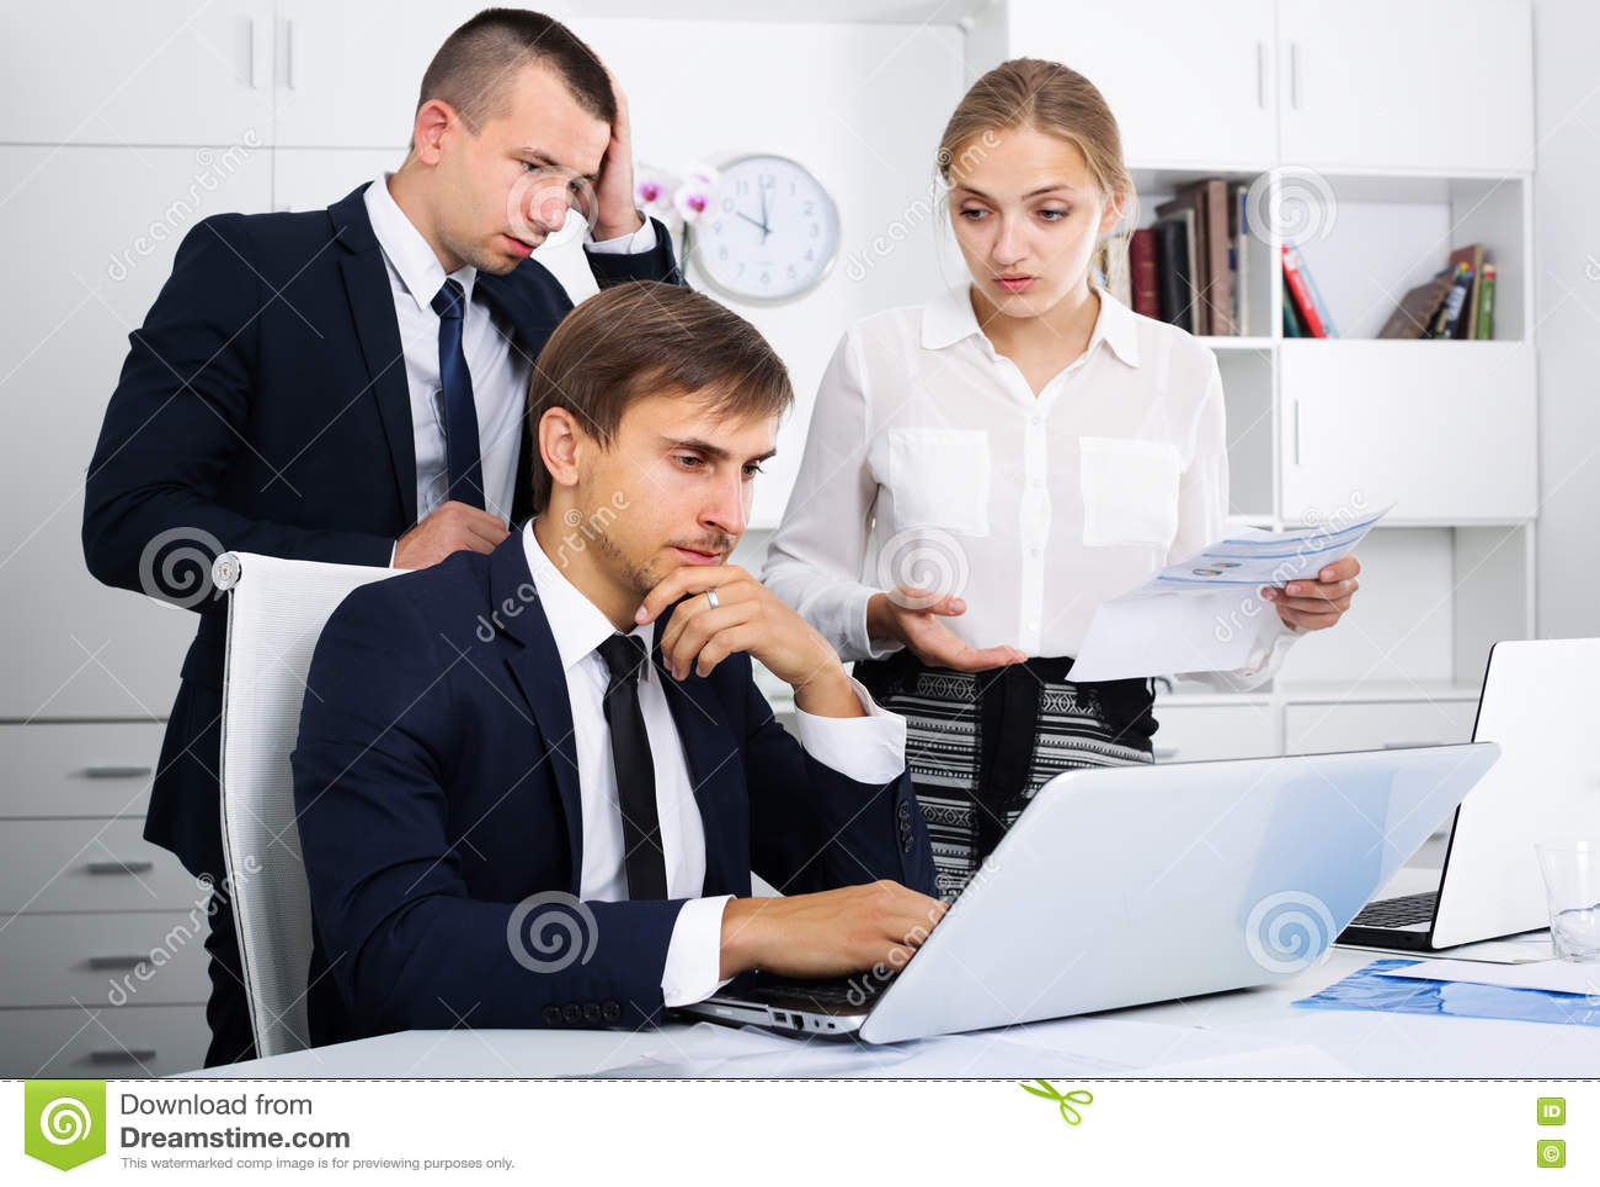 Отказ от секса в офисе